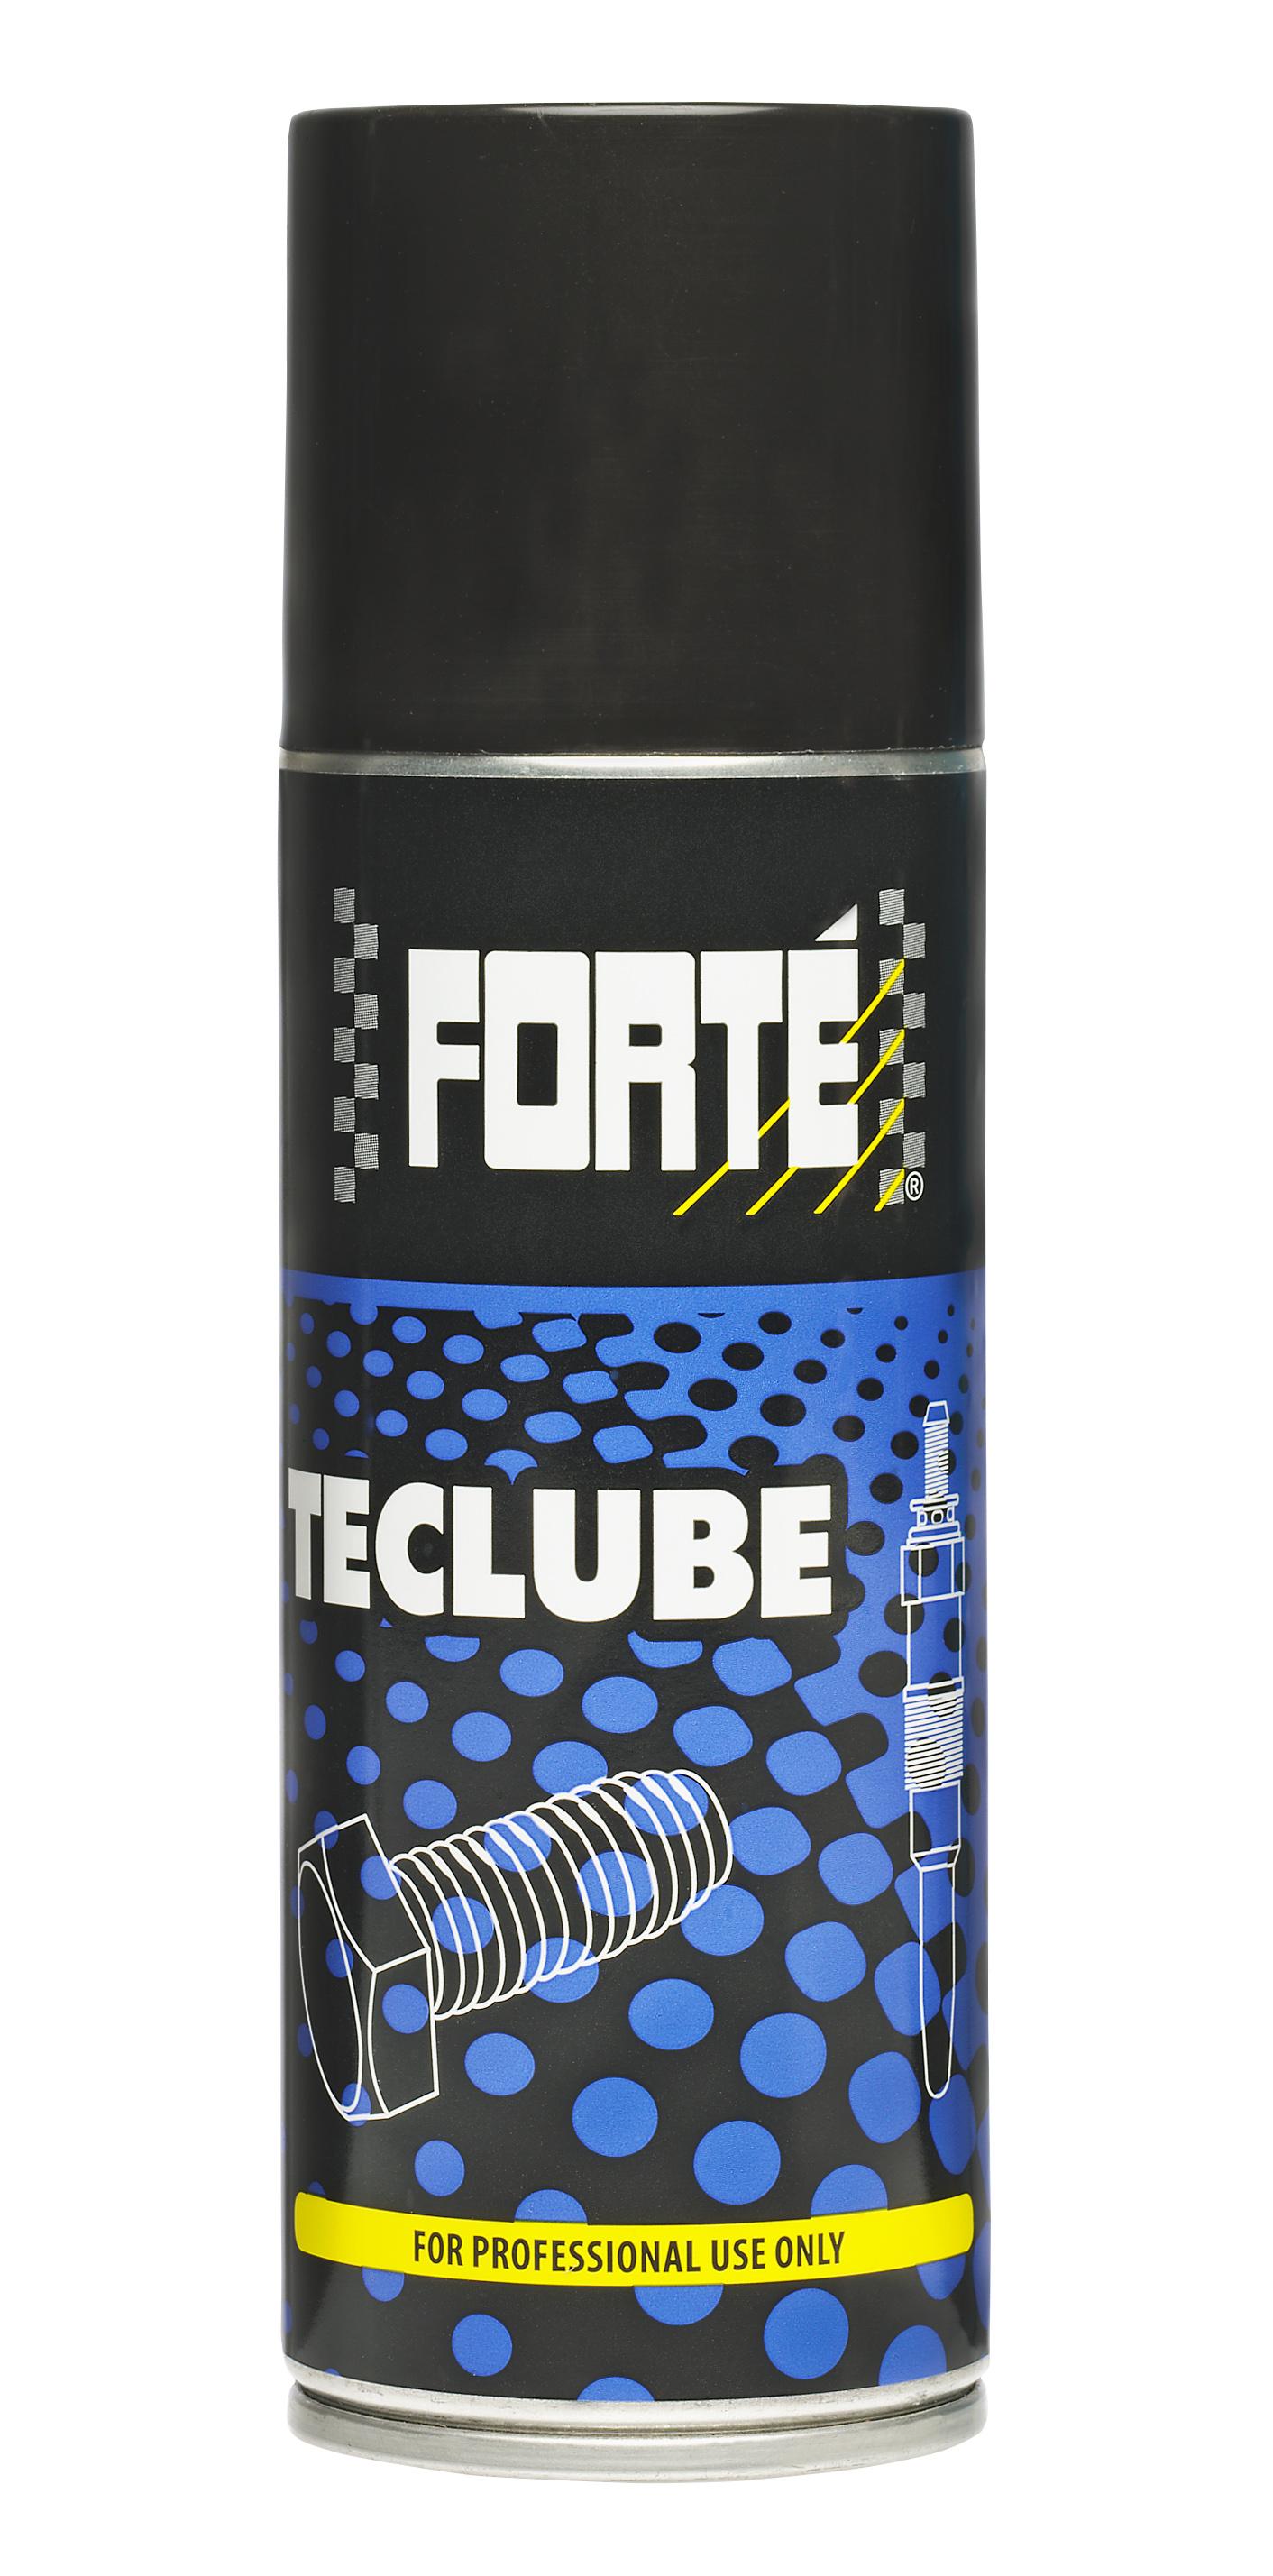 Odkręca wtryskiwacze, zardzewiałe śruby, nakrętki Forte Teclube